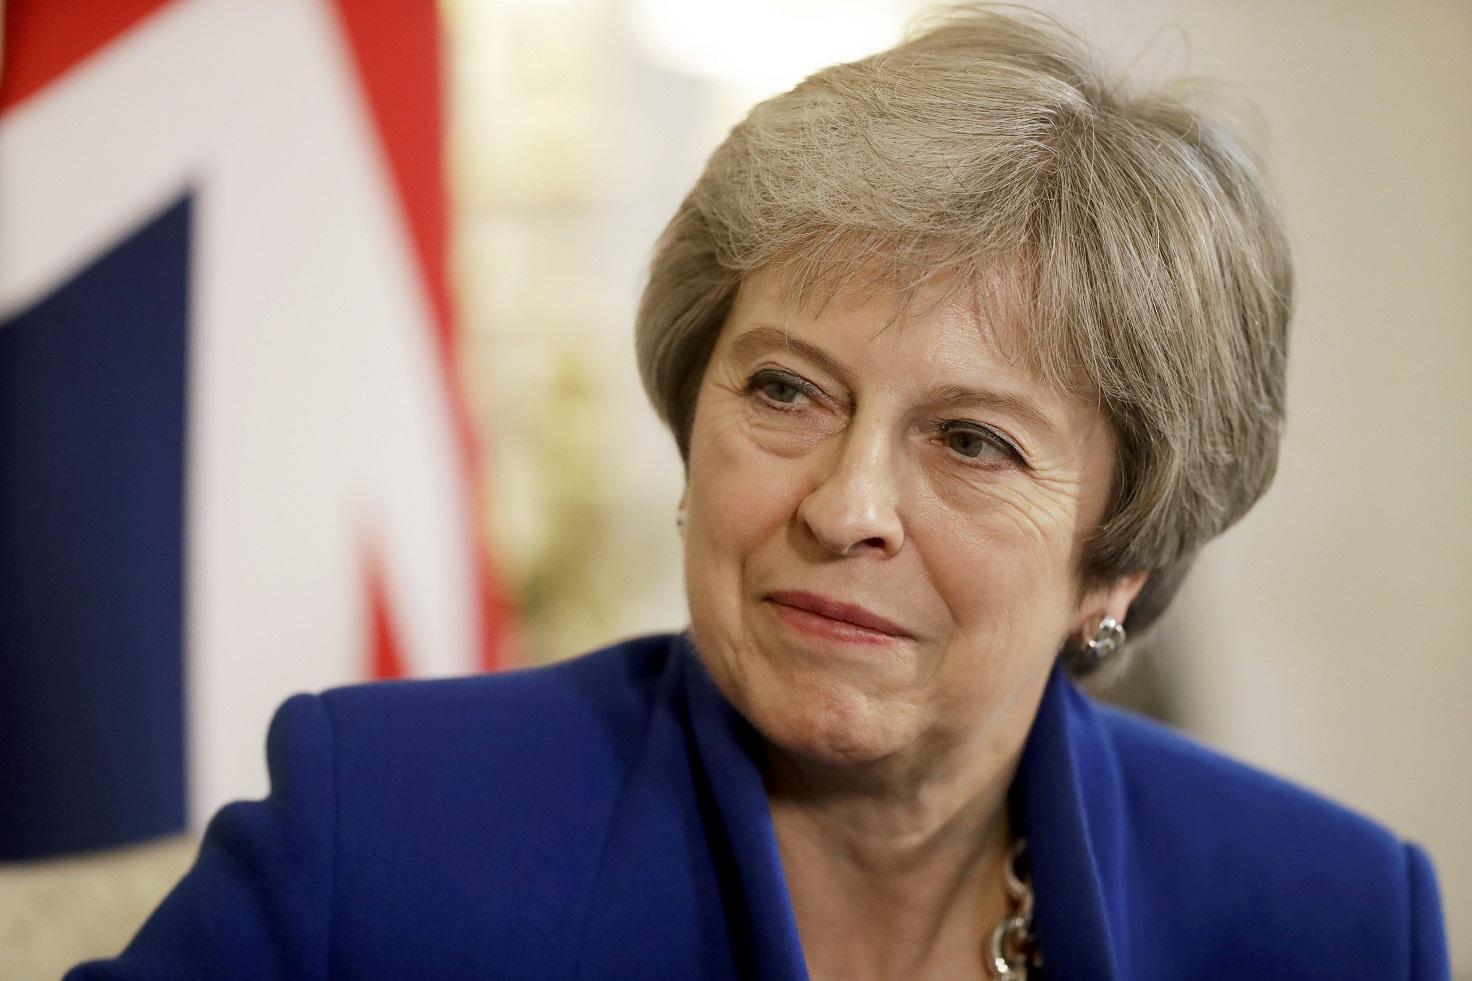 有消息指部分保守党脱欧派对草案感到不满,甚至将向文翠珊提出不信任动议。